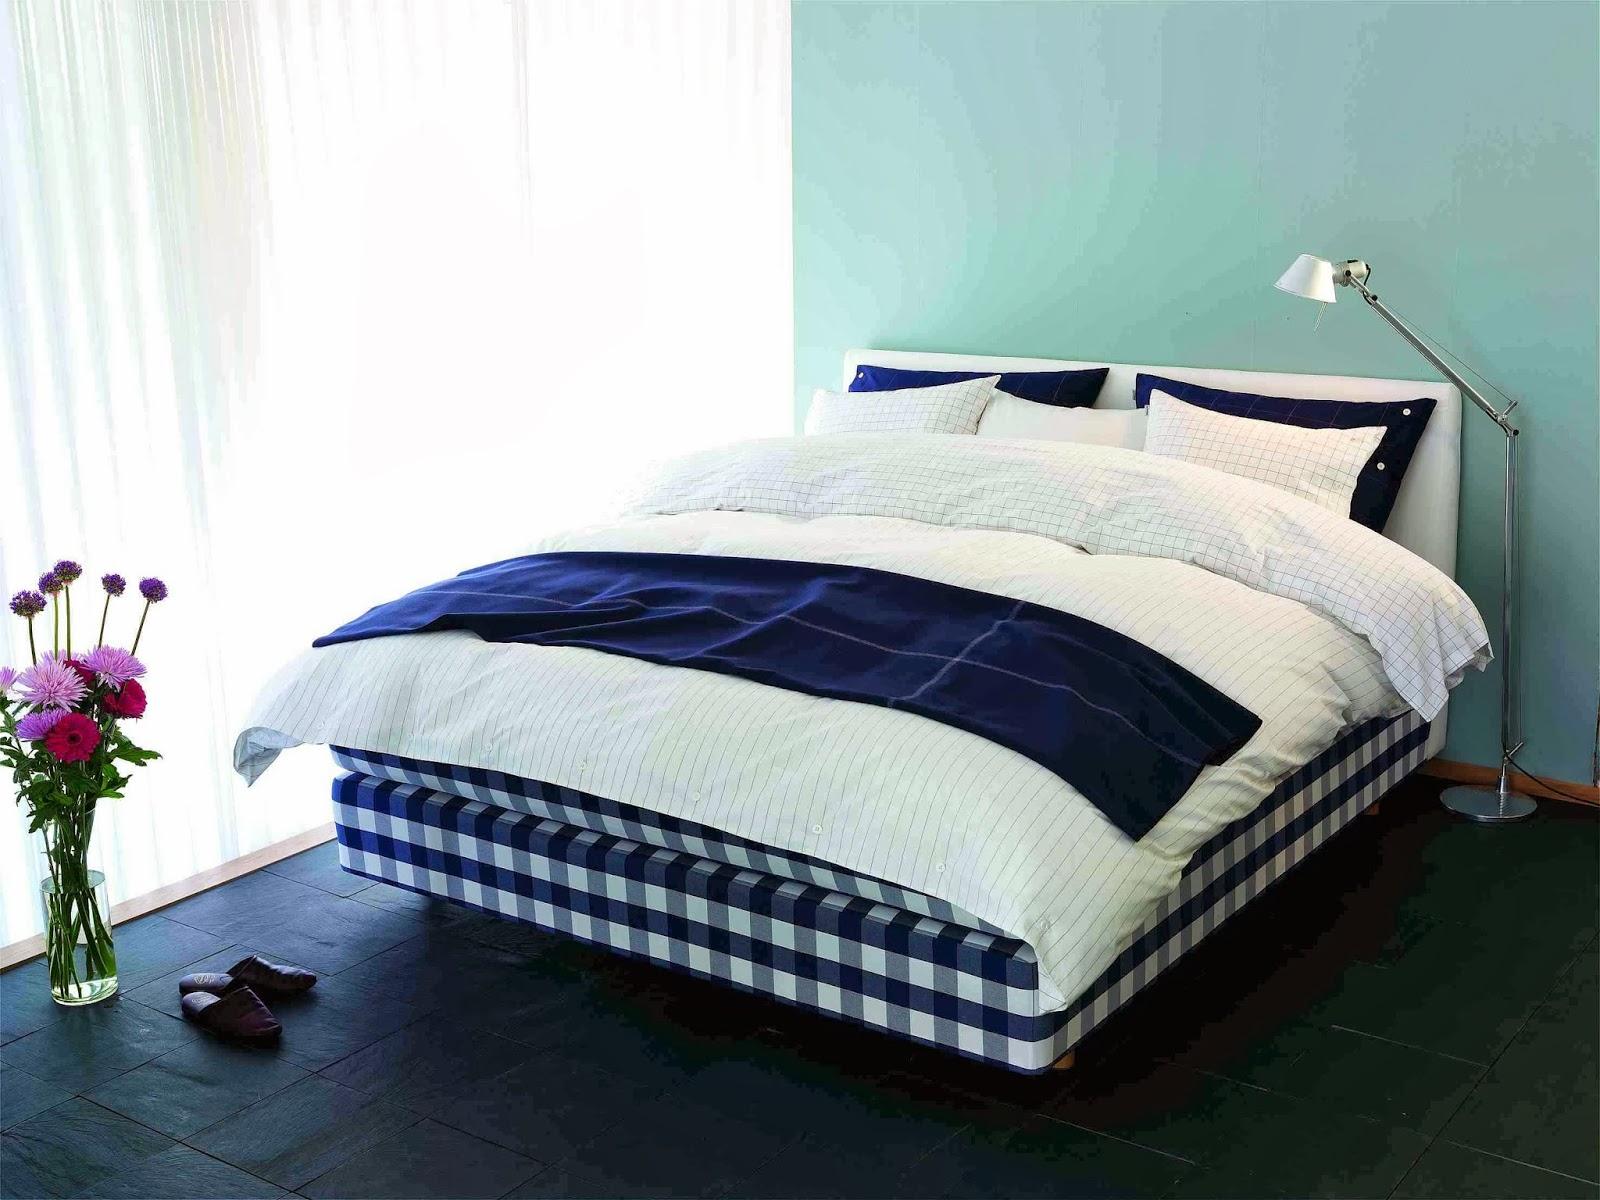 MARRIED WITH NOTHING: HASTENS Dormir en la mejor cama del mundo